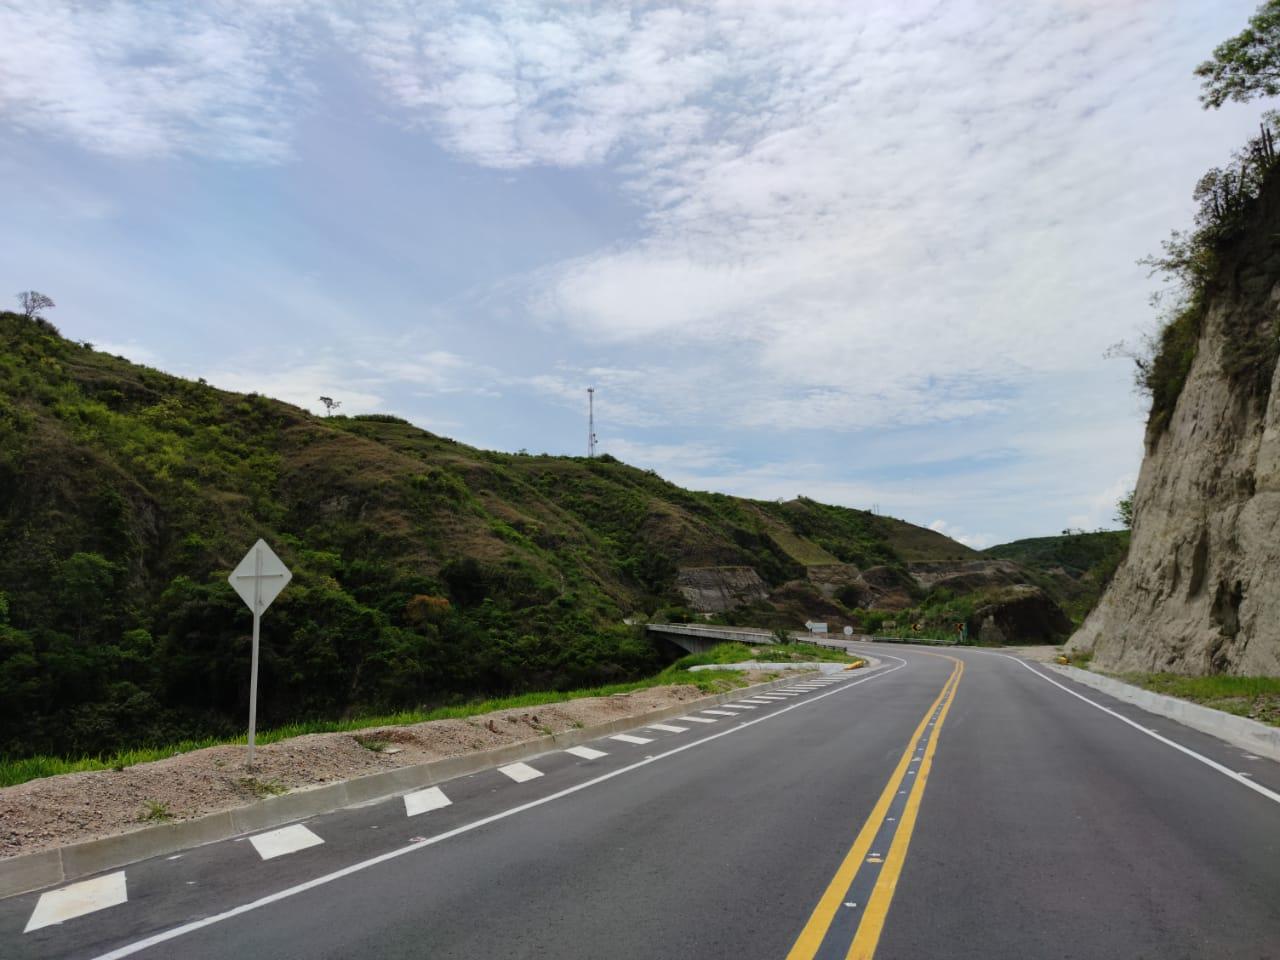 Aliadas para el Progreso anuncia cesión total del proyecto Santana-Mocoa-Neiva a Rodovias Colombia S.A.S., subordinada de Patria Infrastructure Fund y Mercantil Colpatria S.A.